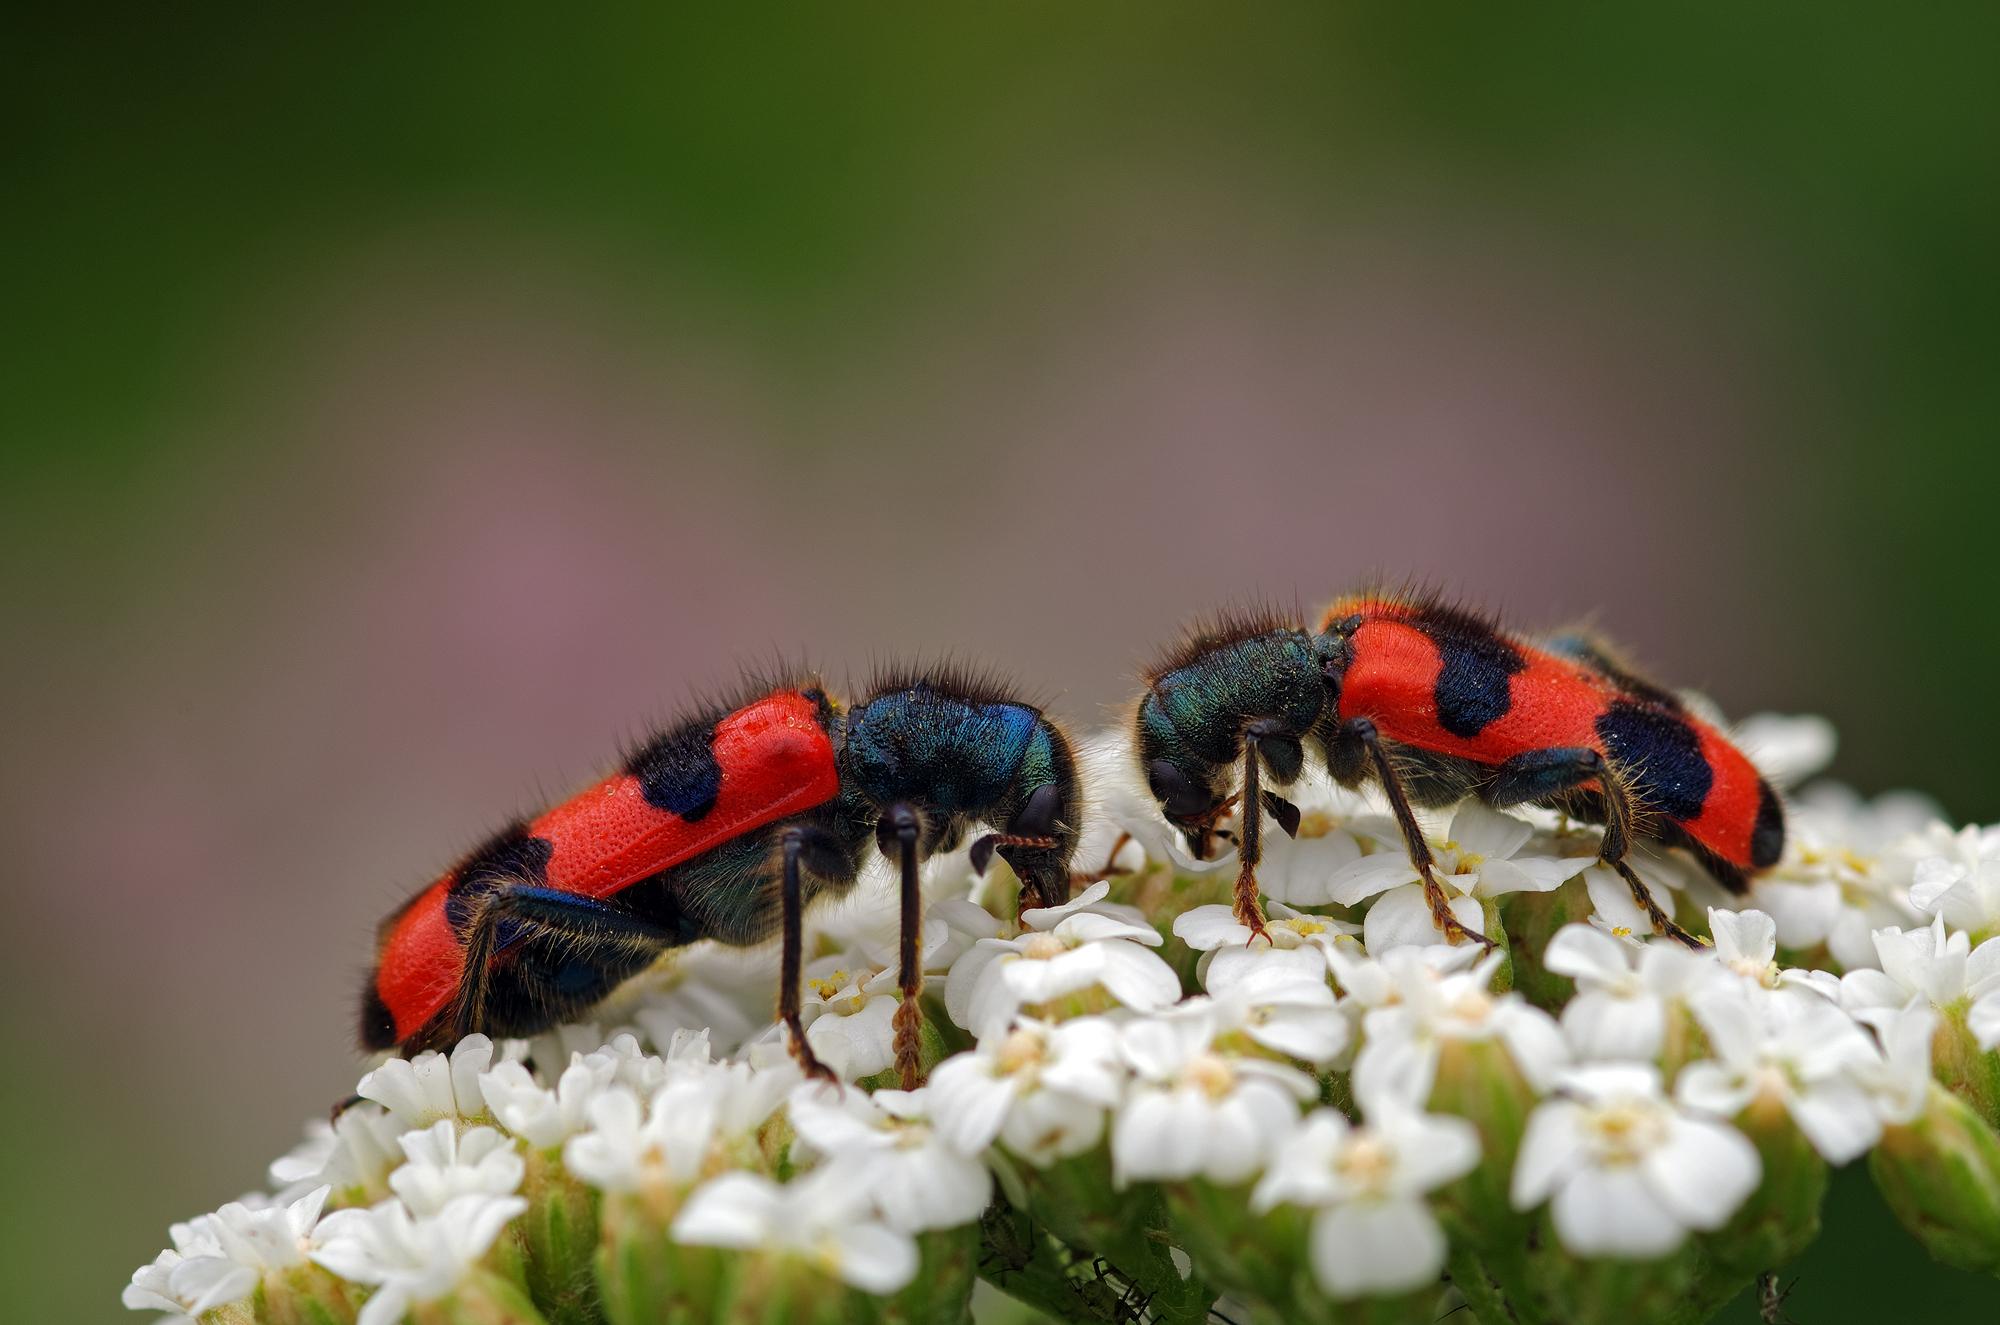 Beetles on flower...